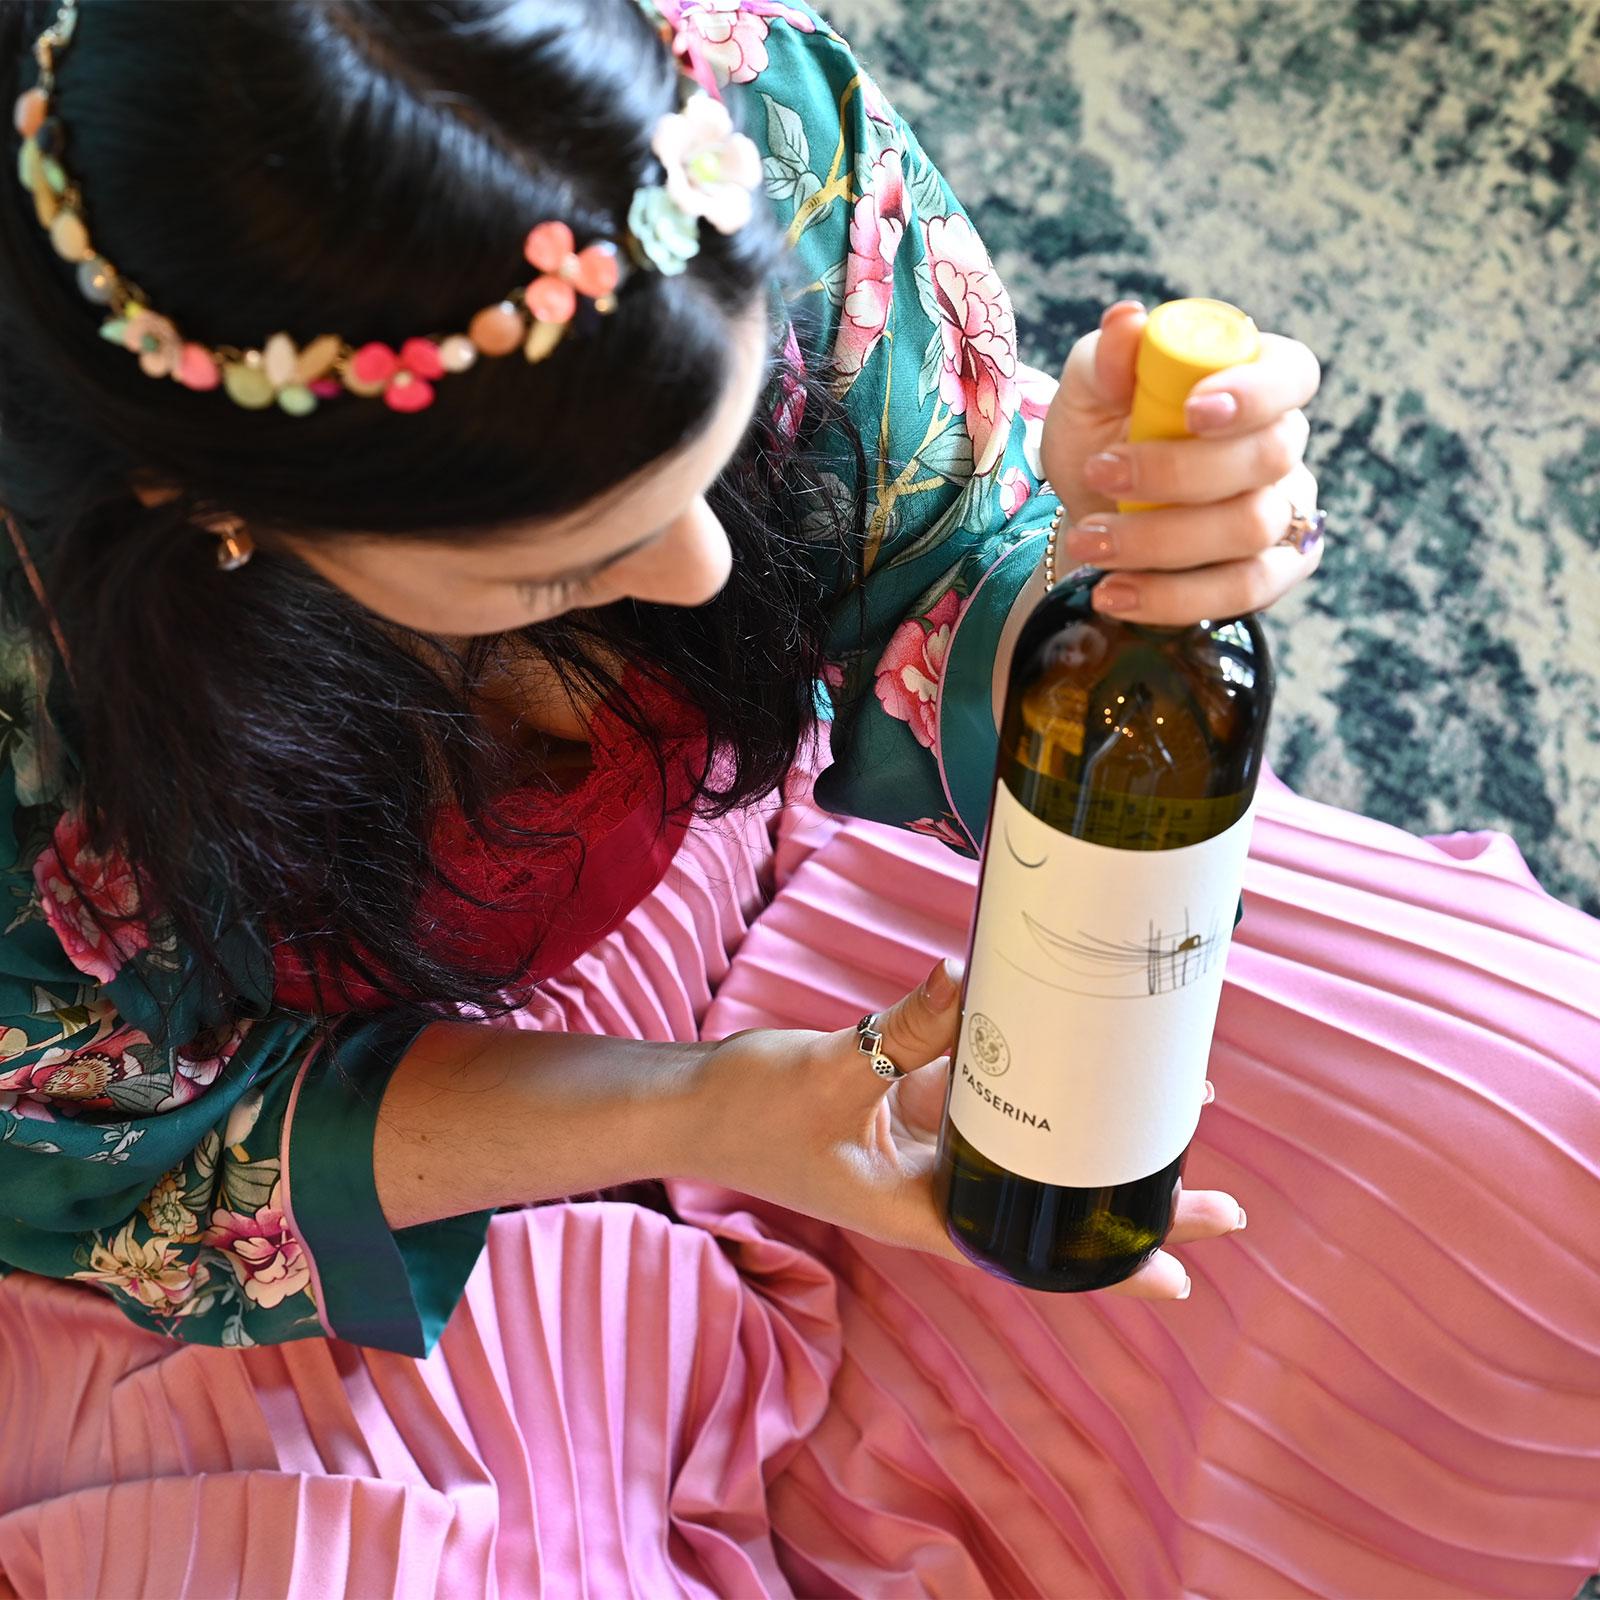 donna con bottiglia di vino